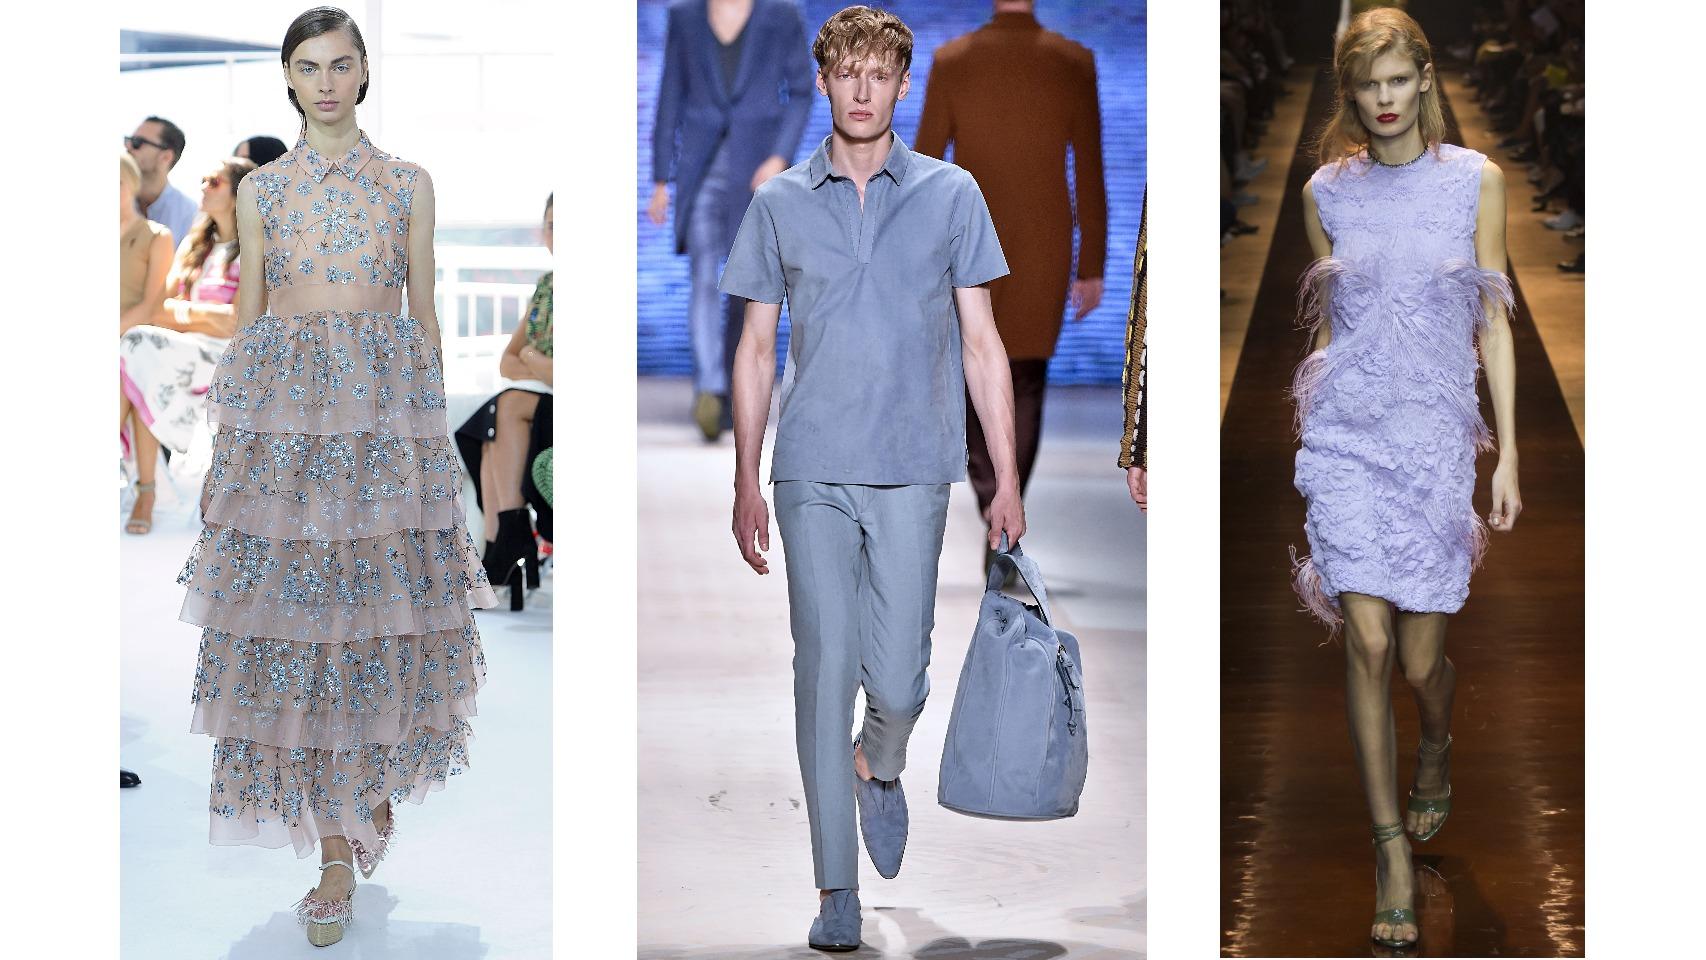 De izda. a dcha. Vestido de  Delpozo con flores azul serenidad; polo, pantalón y bolsa, todo en azul serenidad; y vestido de Nina Ricci, que combina este azul con el rosa cuarzo para crear un color nuevo. Todo de los desfiles Primavera/ Verano 2016.